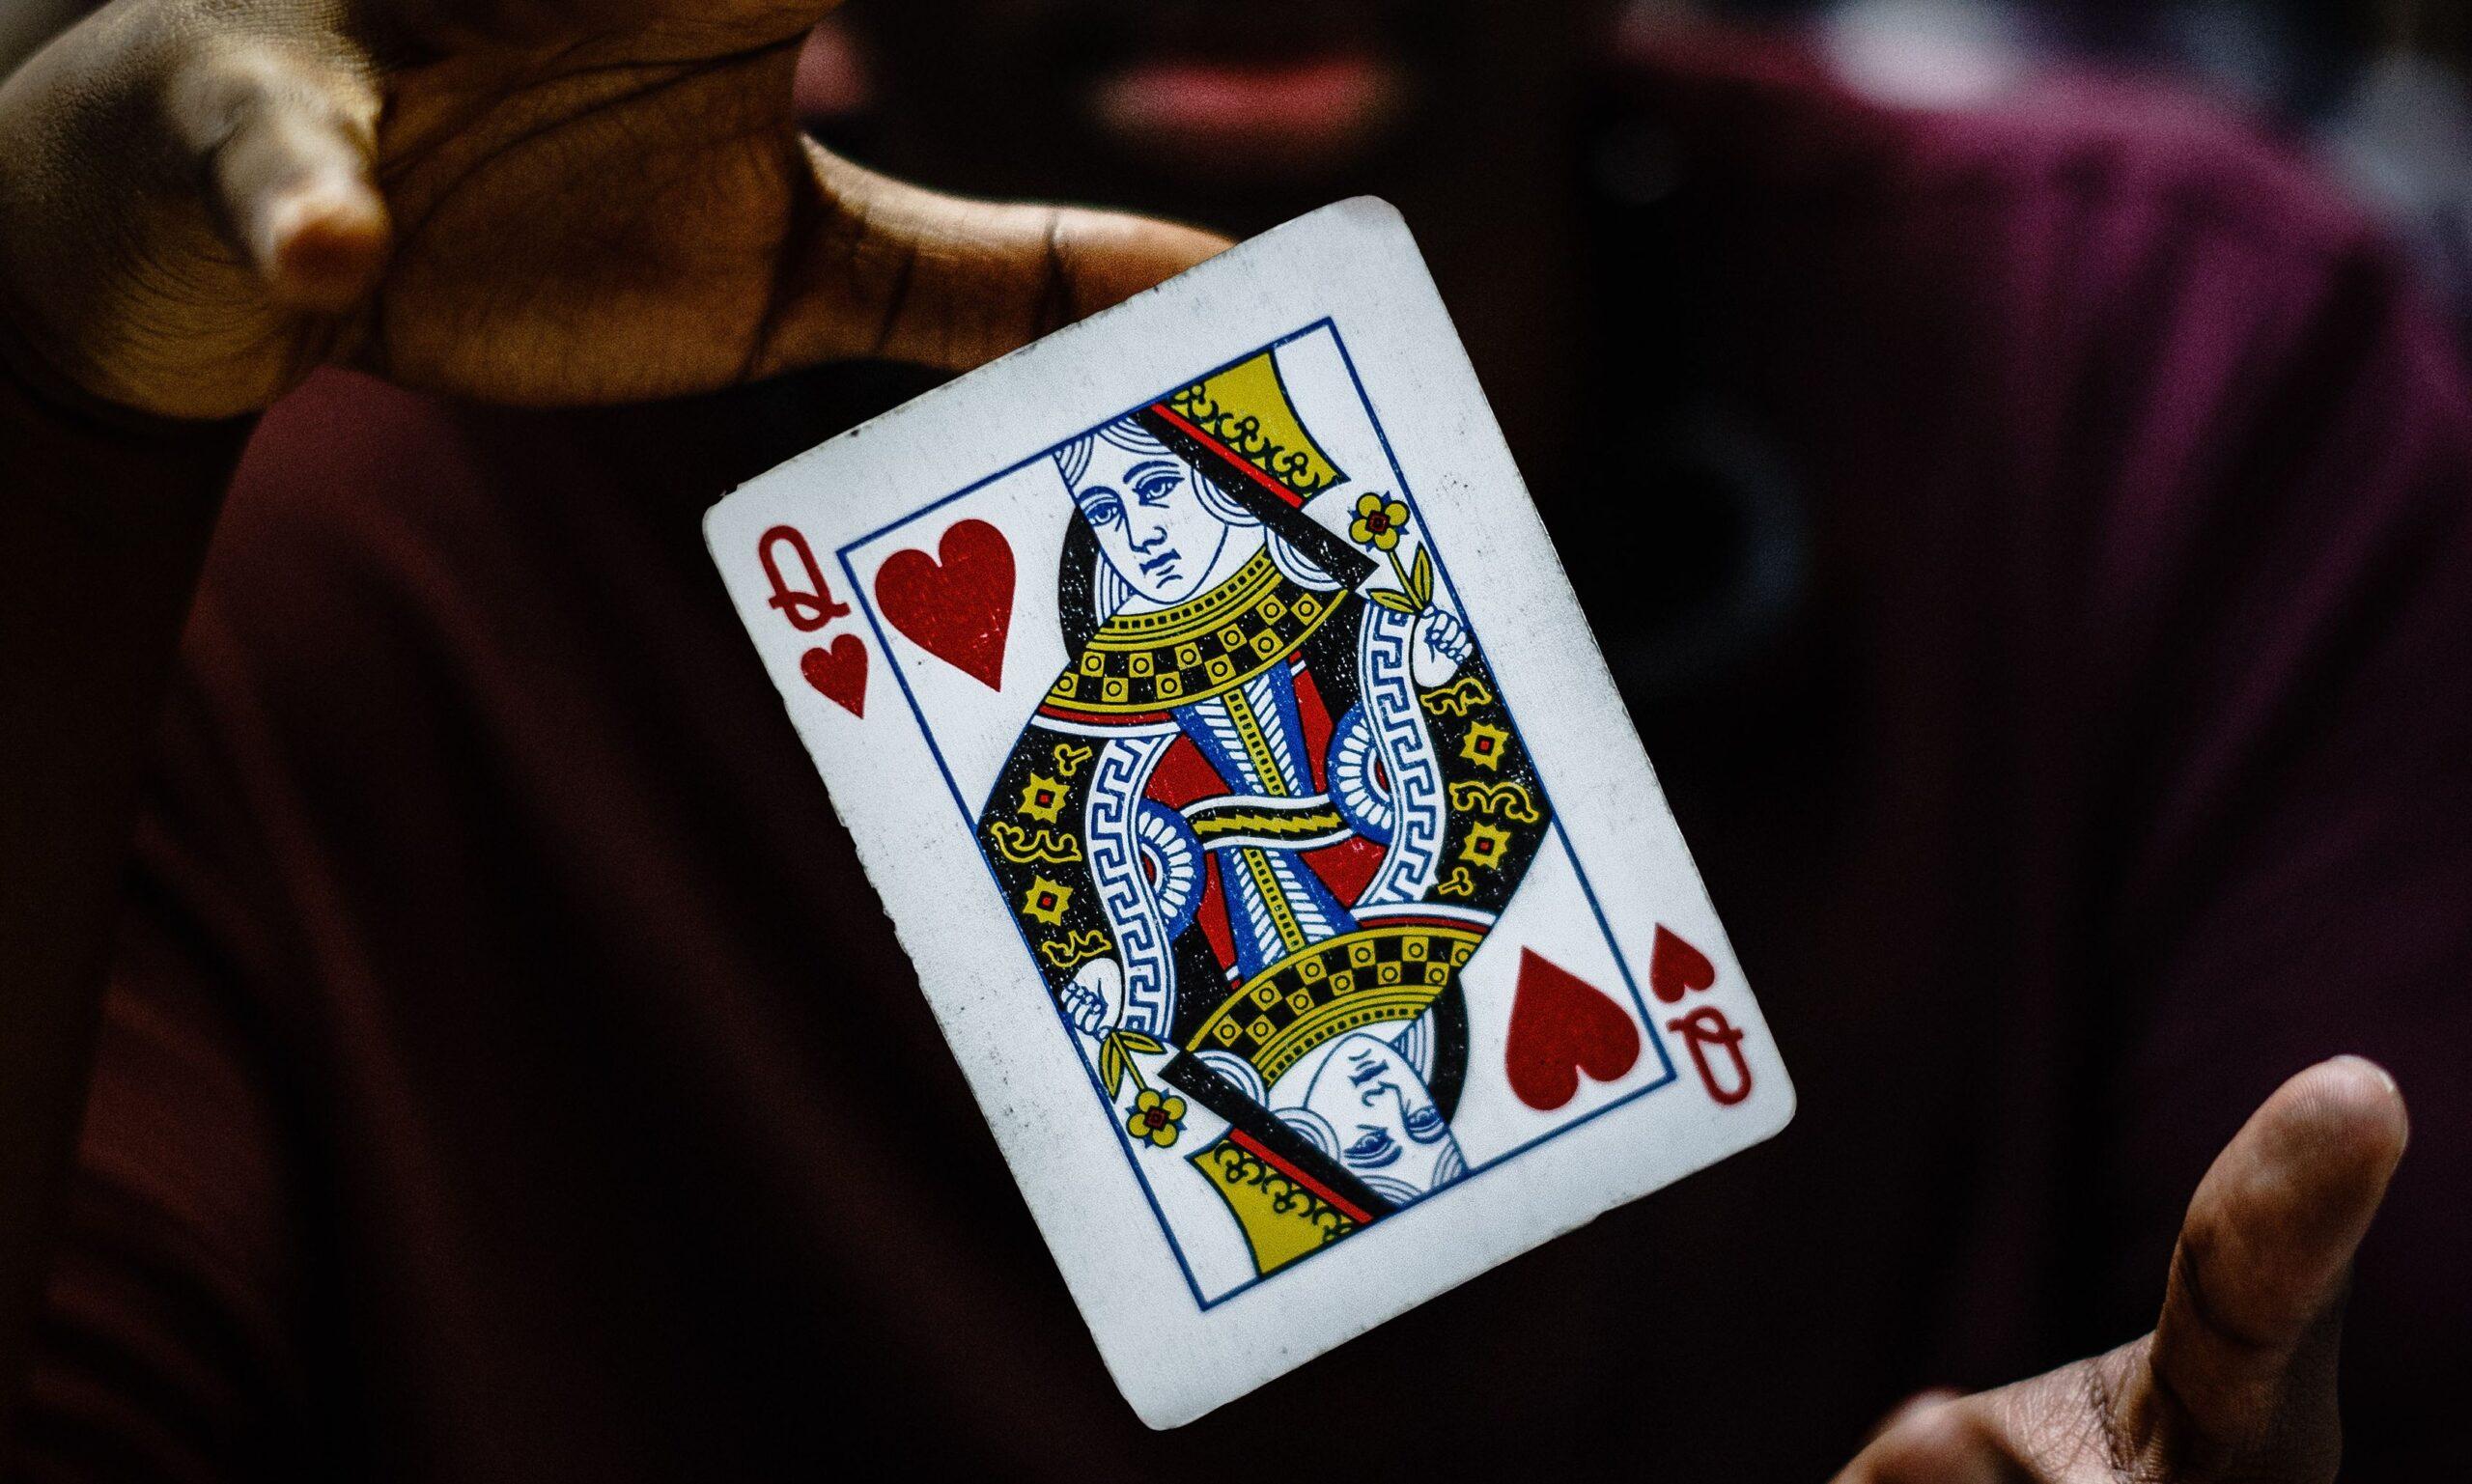 cum să faci rapid un milion folosind magia